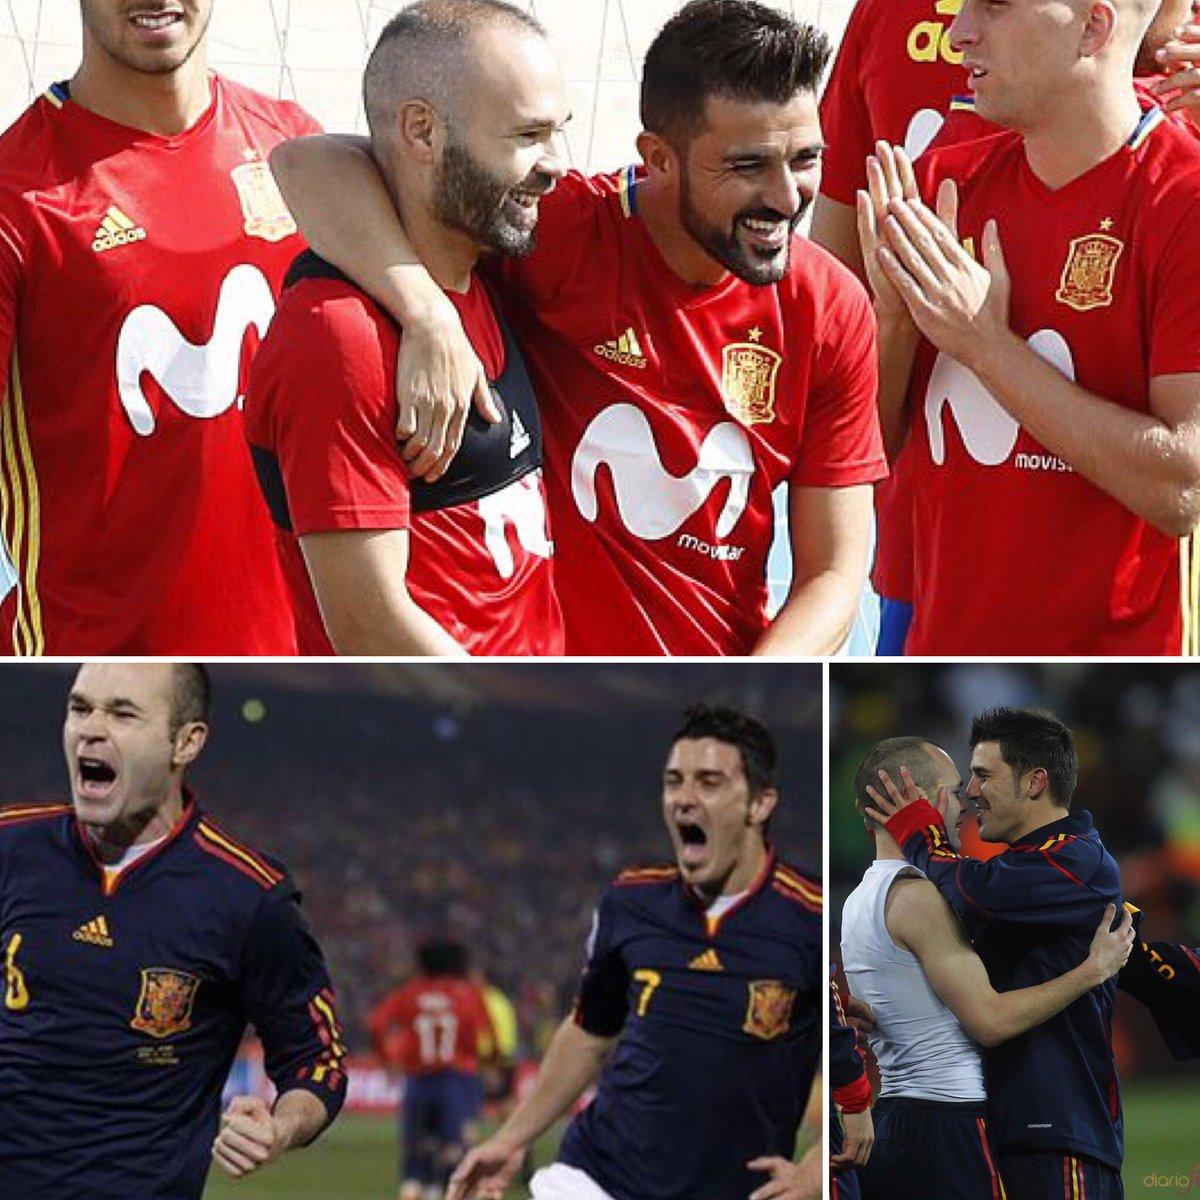 """Iniesta & Villa Dos """"hermanos"""" que se vuelven a juntar!!! Dos futbolistas que nos dieron alegrías históricas !!! Afortunados los japoneses...disfrutaréis de dos de los más GRANDES!!!"""